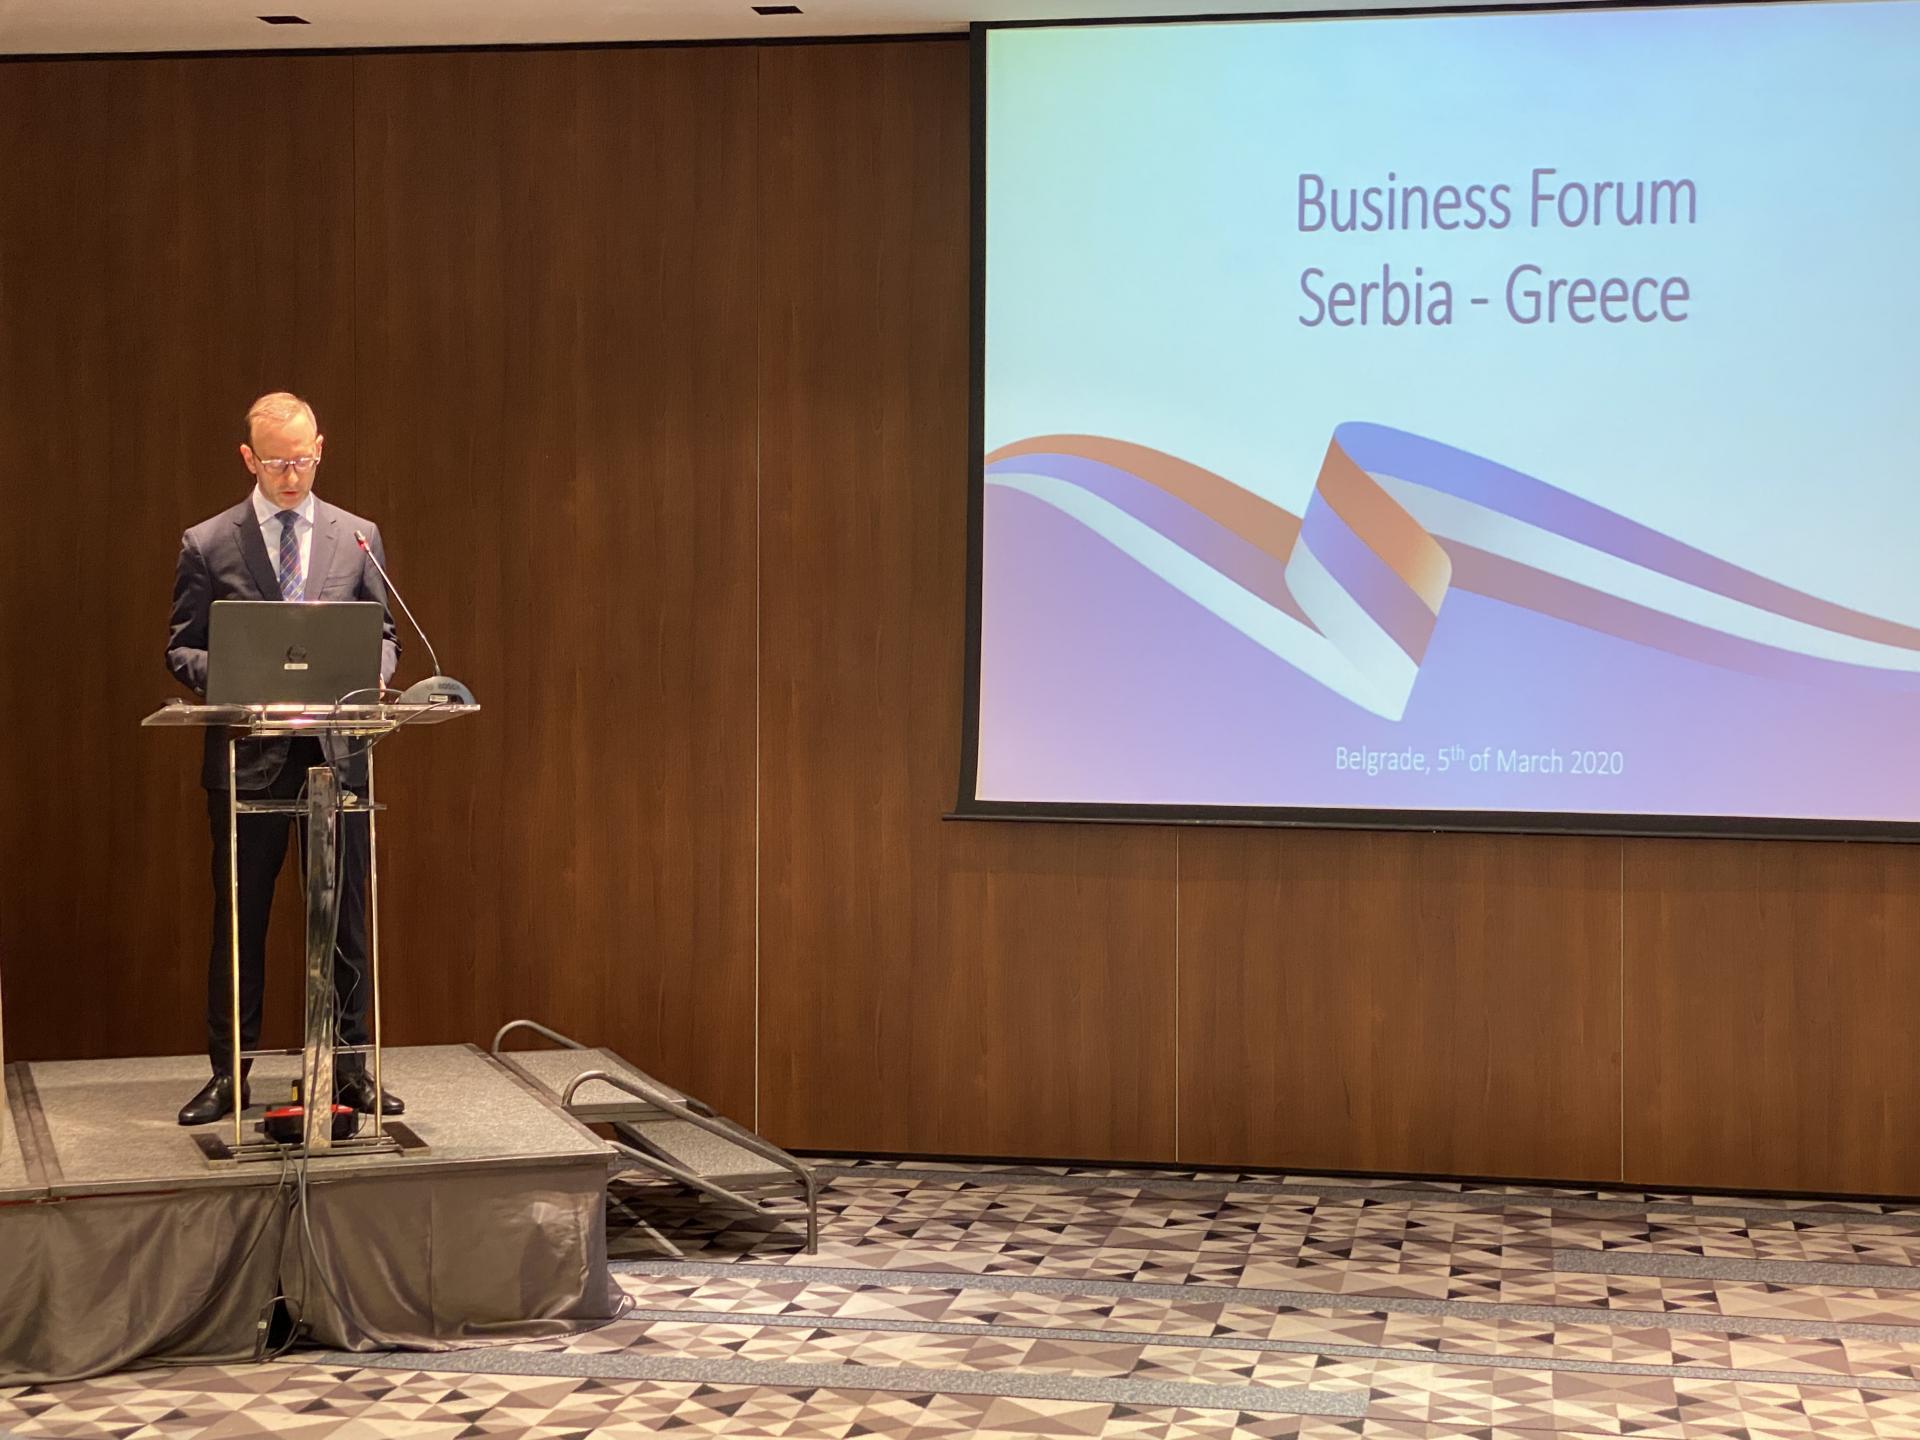 Επιχειρηματική Αποστολή ΕΒΕΑ στο Βελιγράδι της Σερβίας